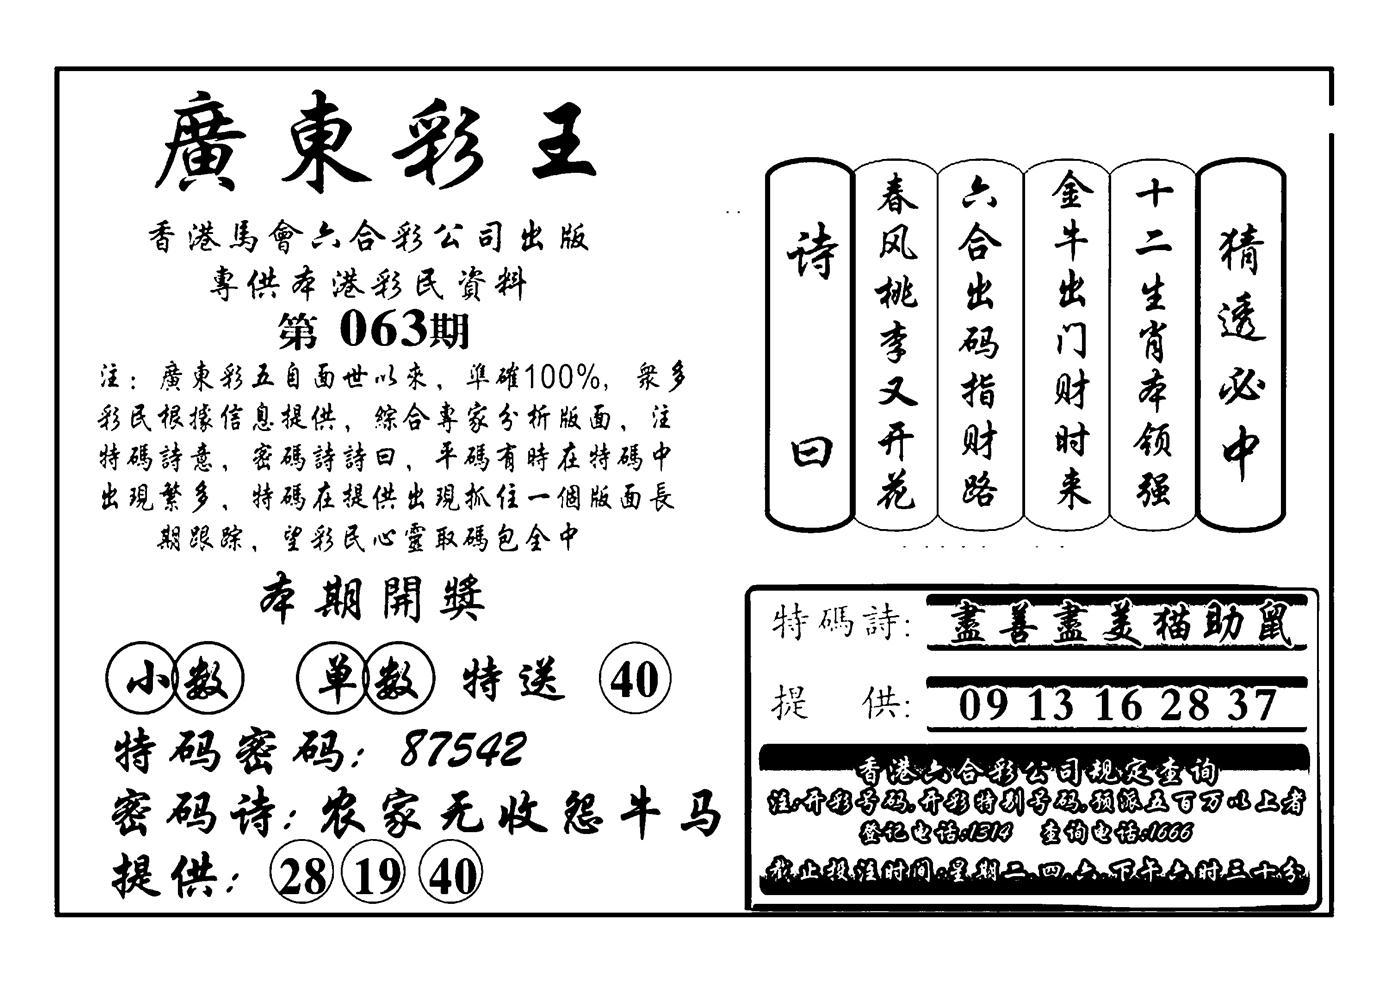 063期广东彩王(黑白)